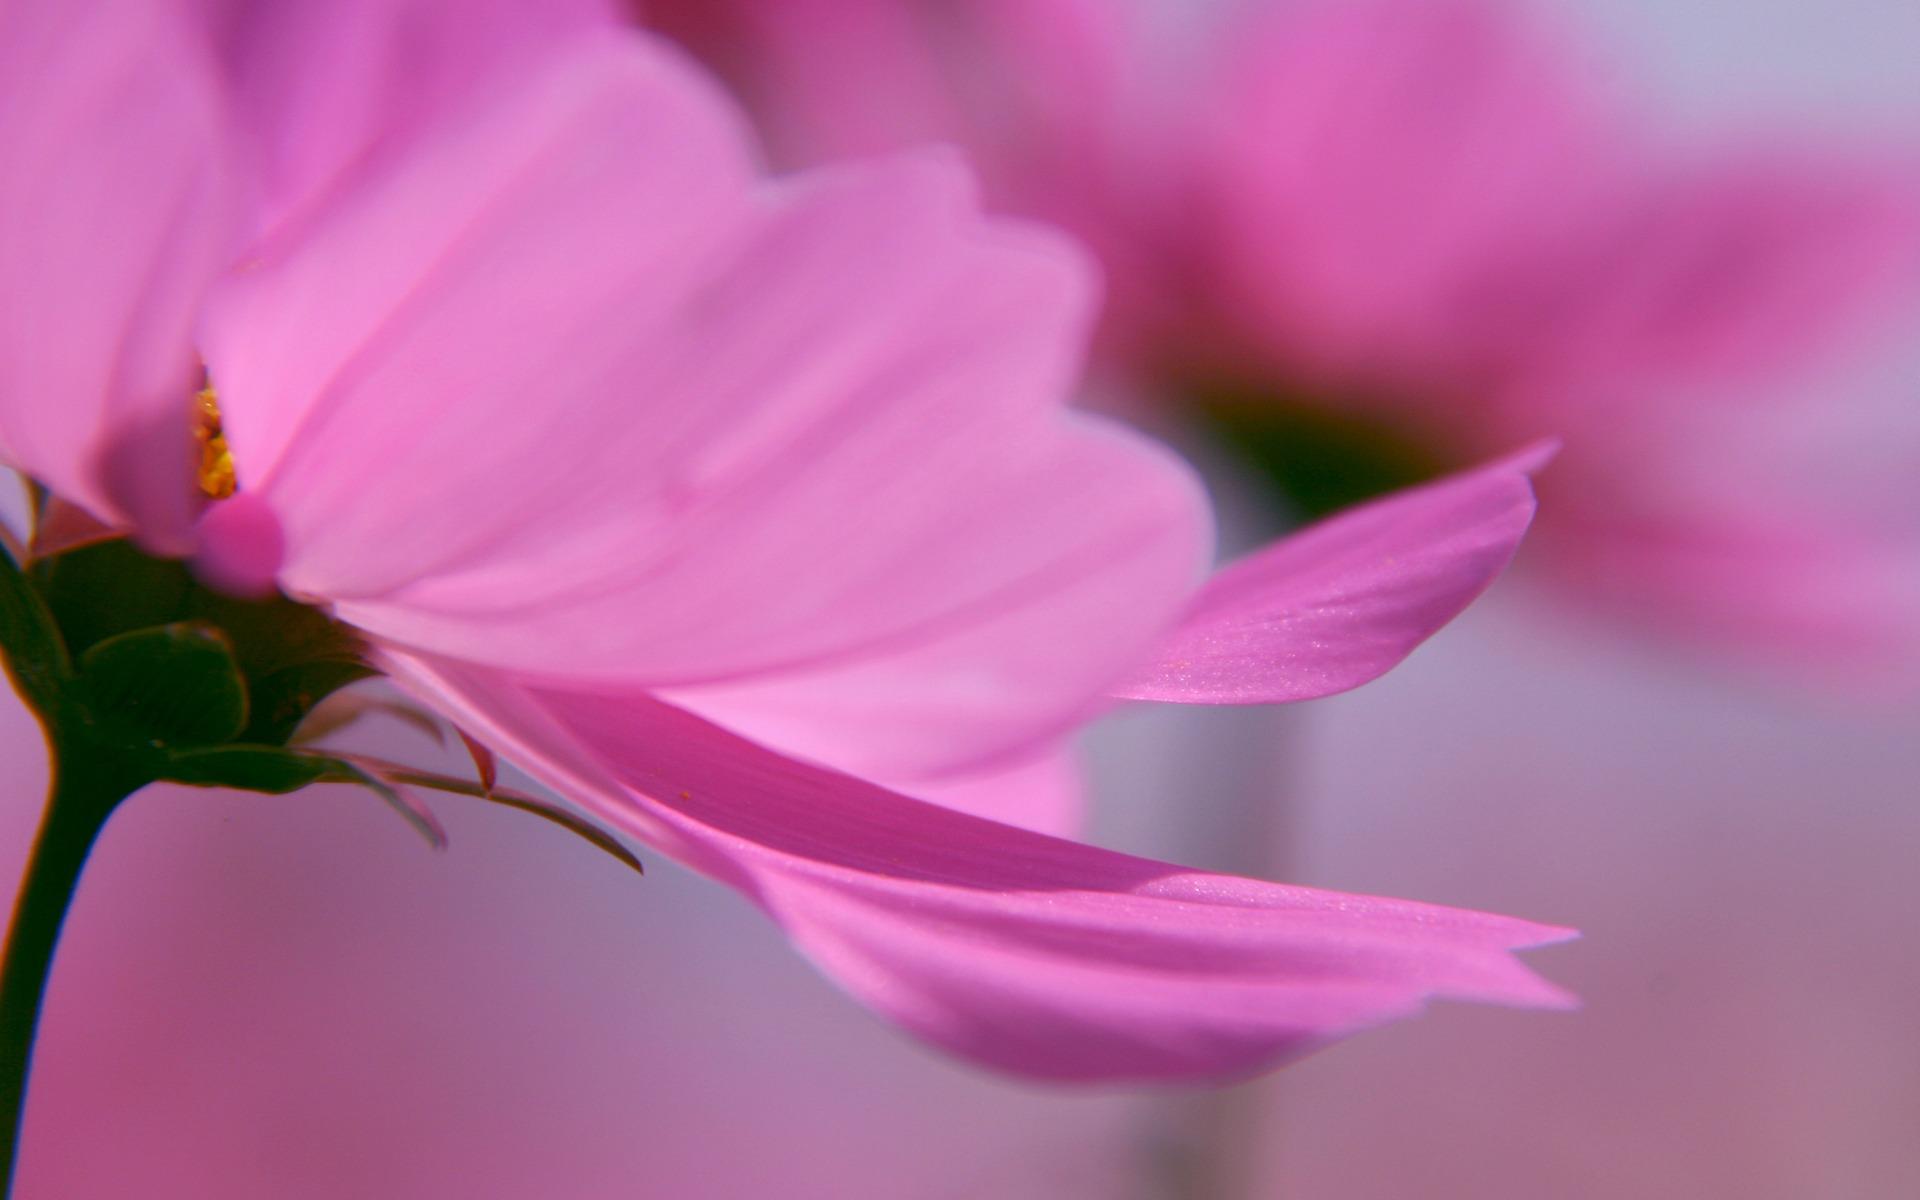 Cute Pink Flowers Wallpaper - WallpaperSafari